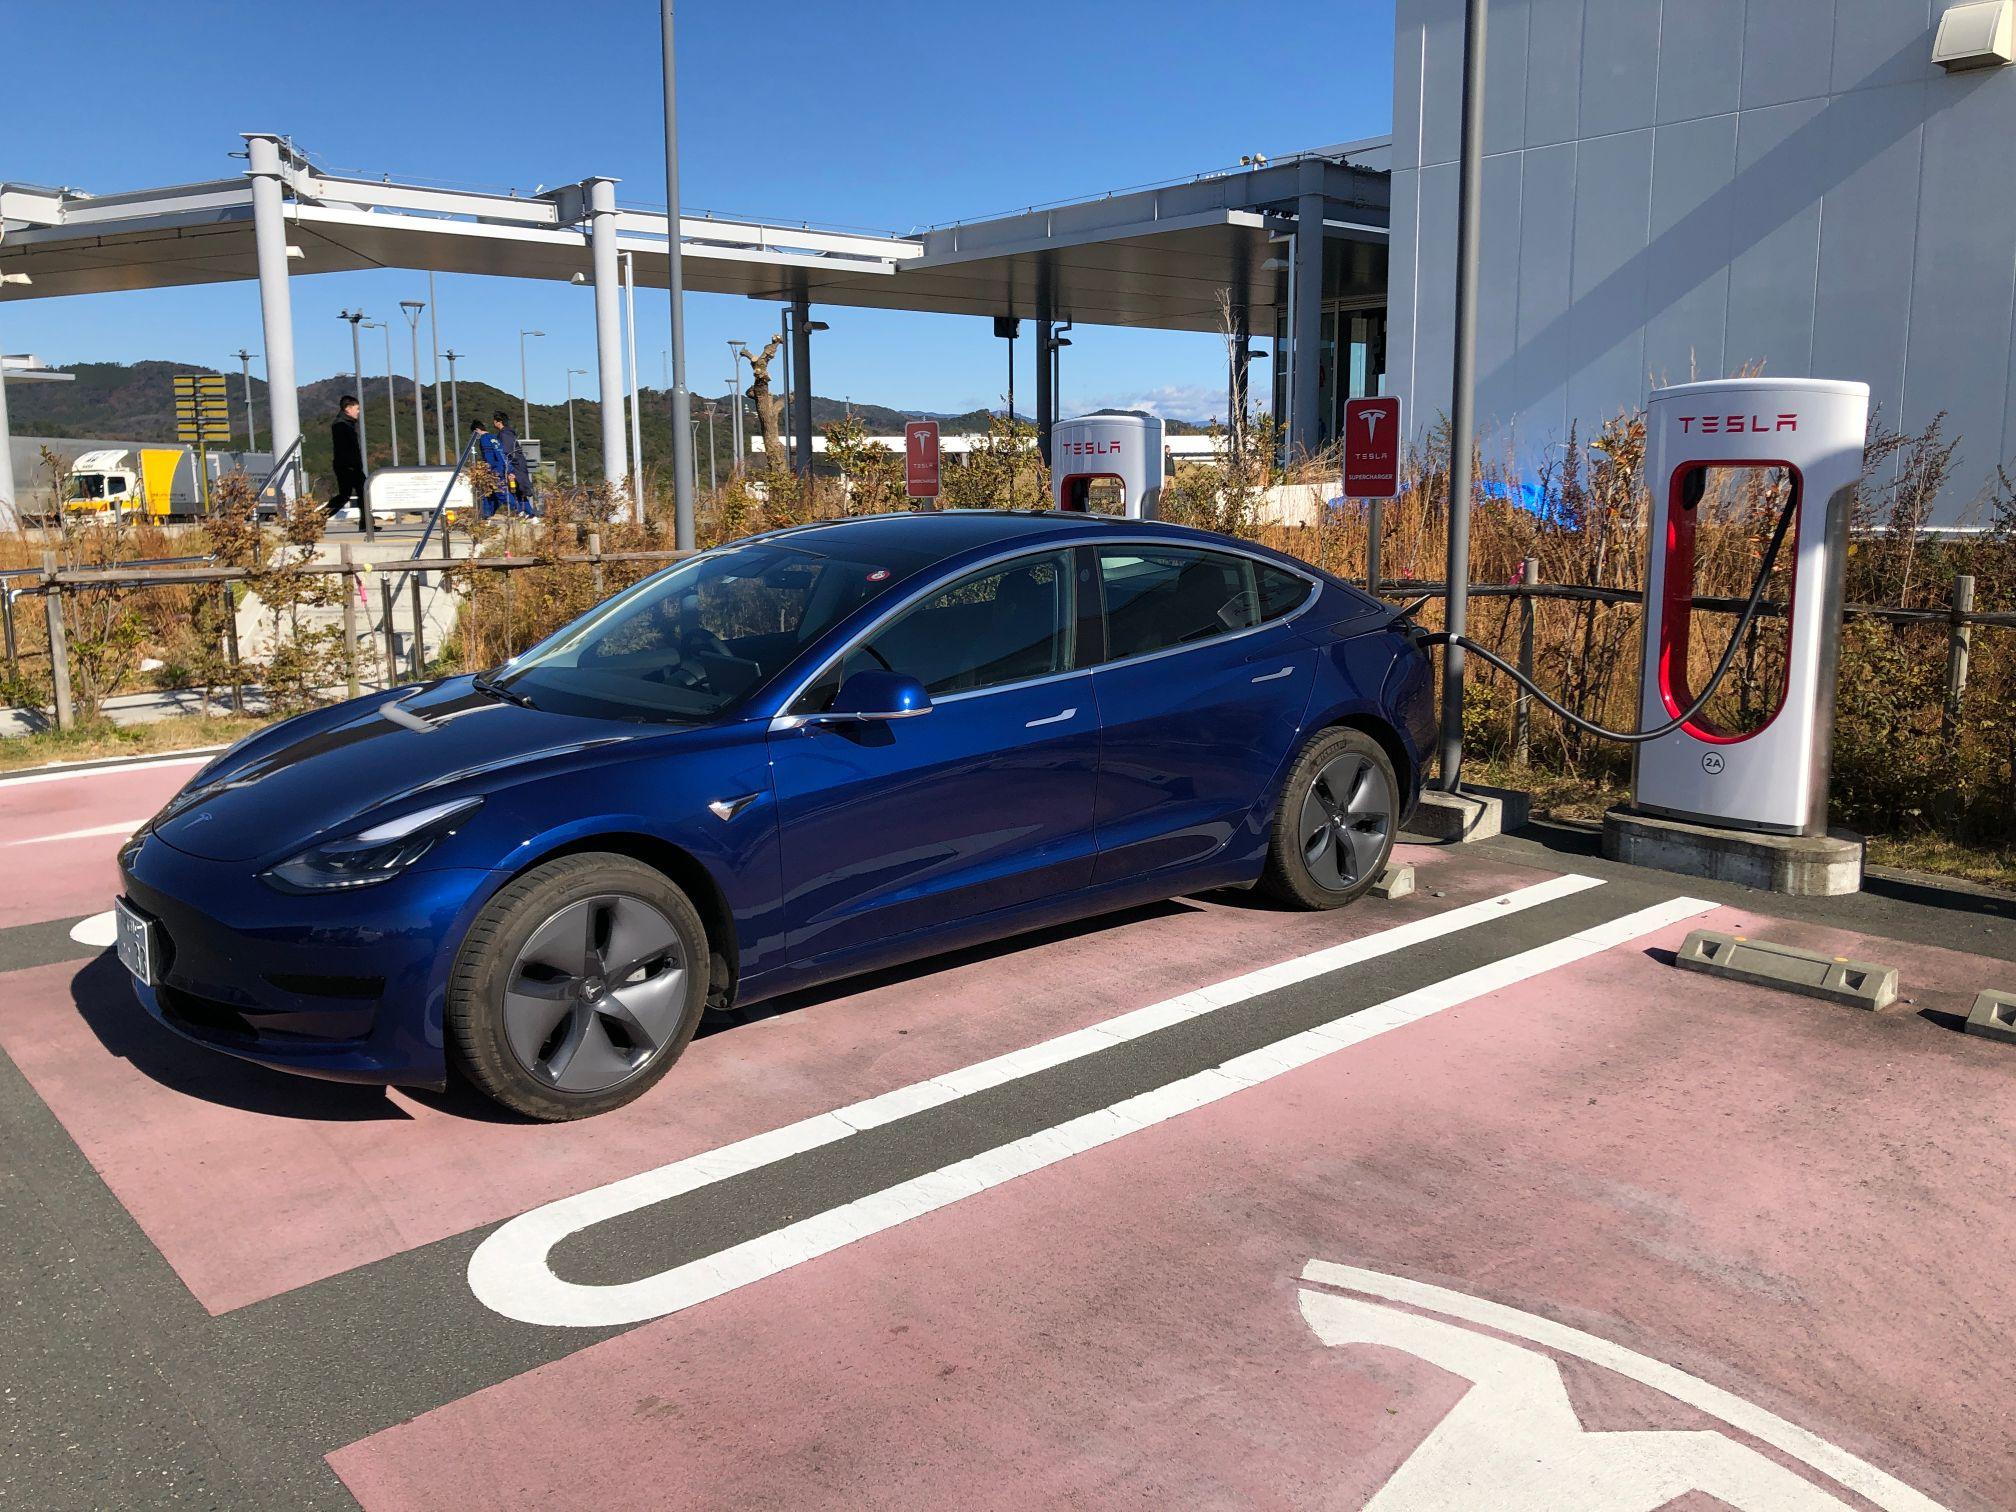 テスラモデル3の充電方法や電費についてのまとめ。ガソリン車の燃費との比較もしてみたよ